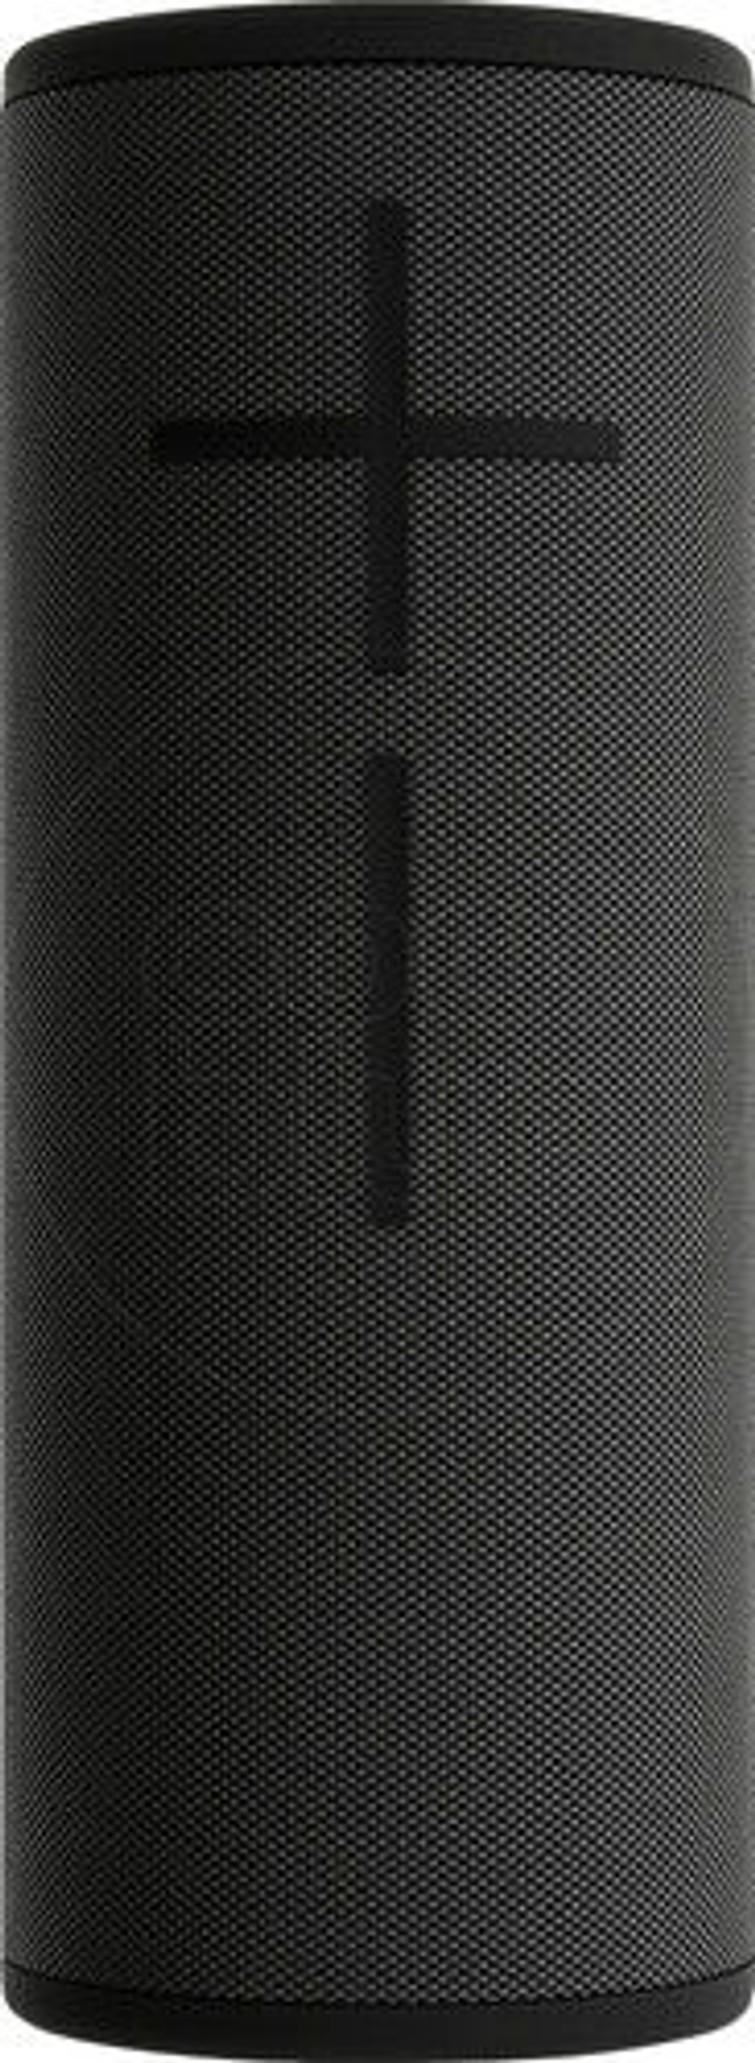 bluetooth speaker united ears